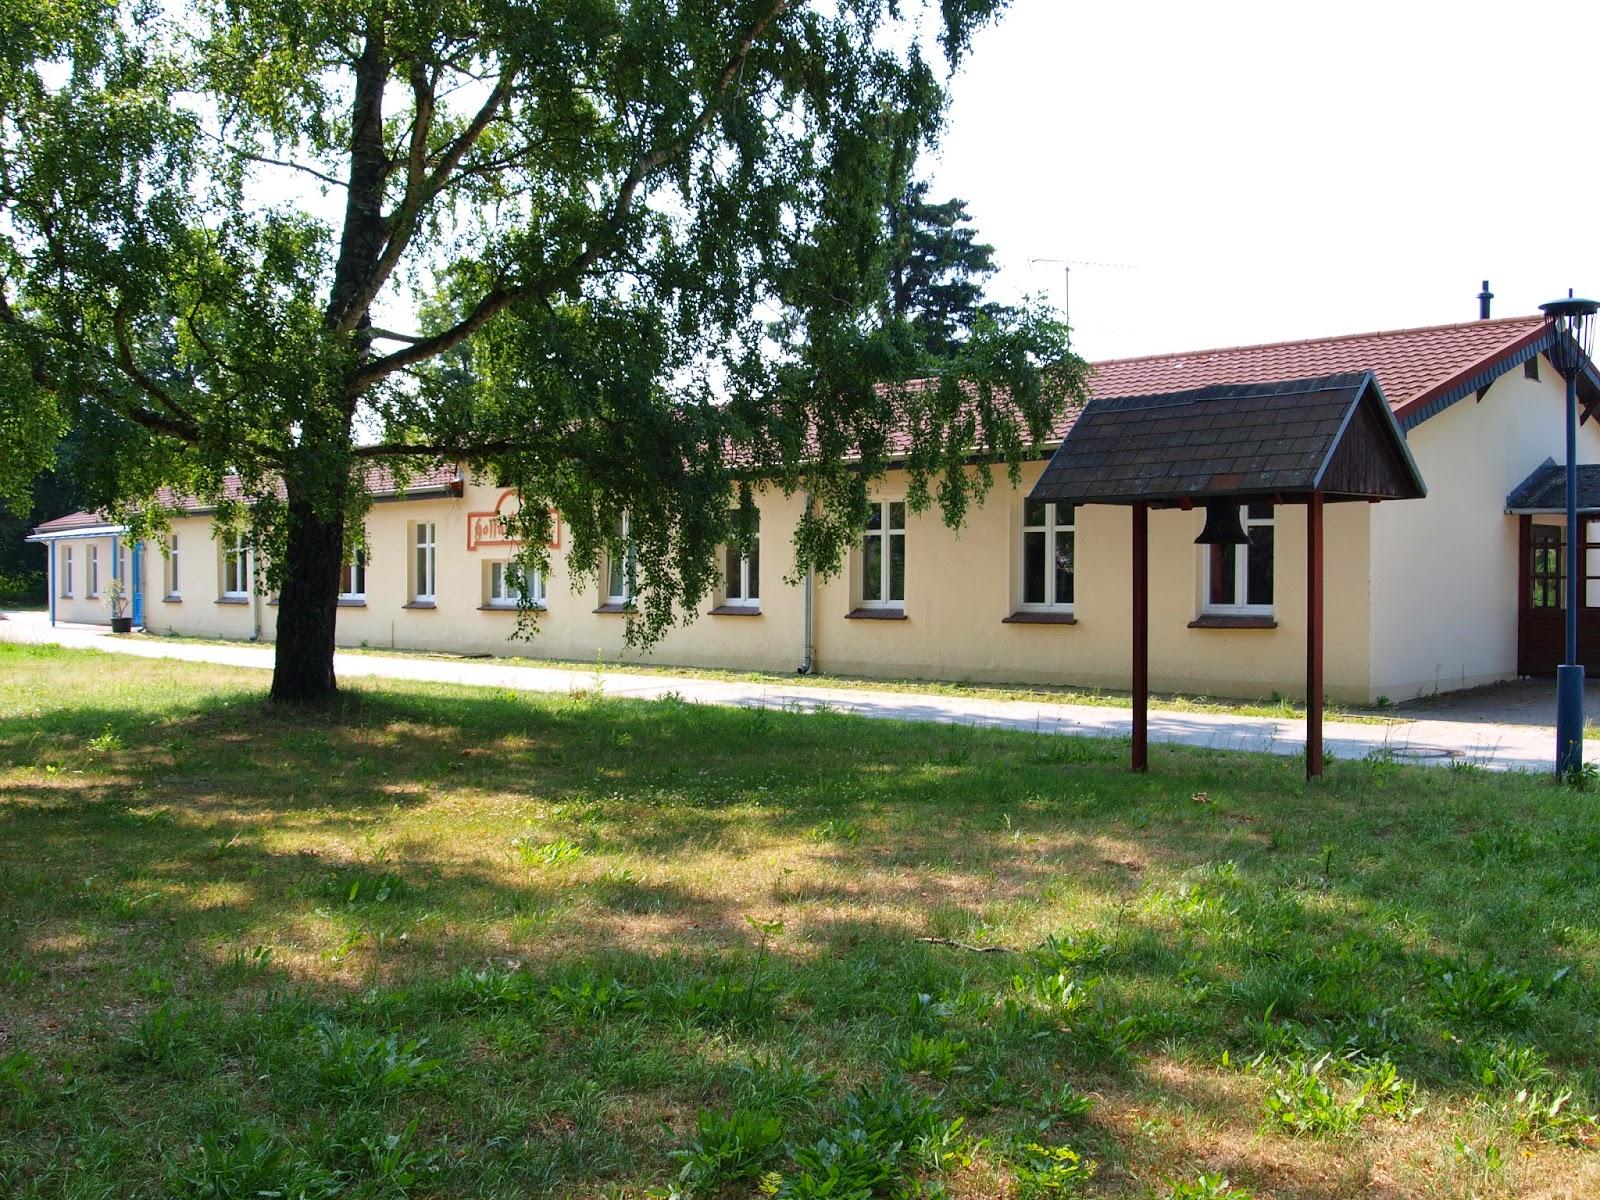 Gemeinschaftshaus+lobetal